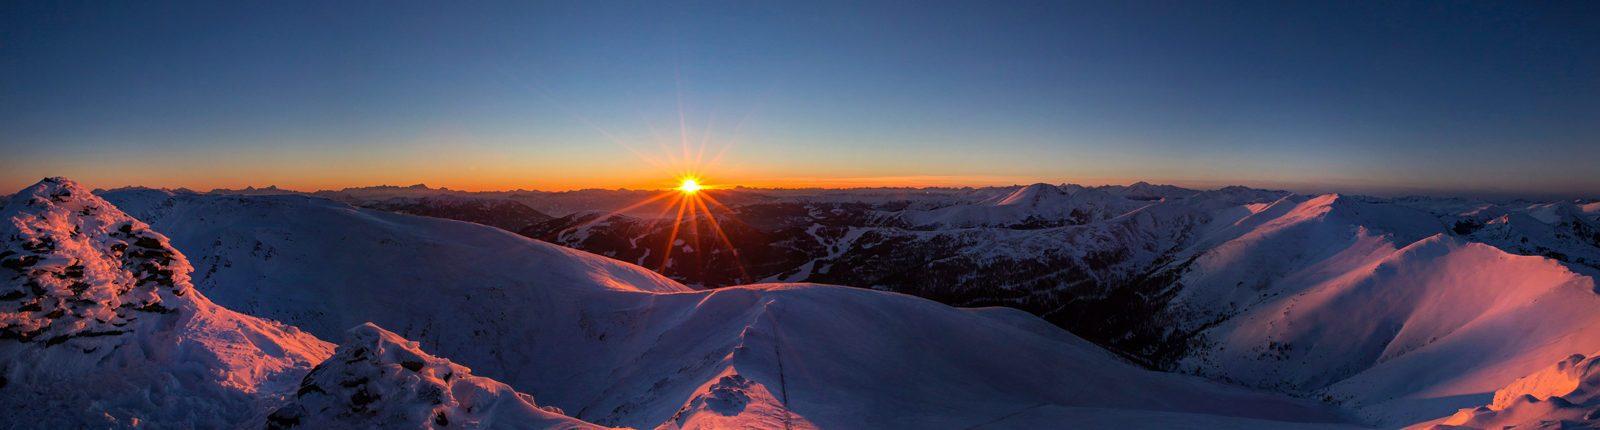 Sonnenuntergang am Falkertspitz